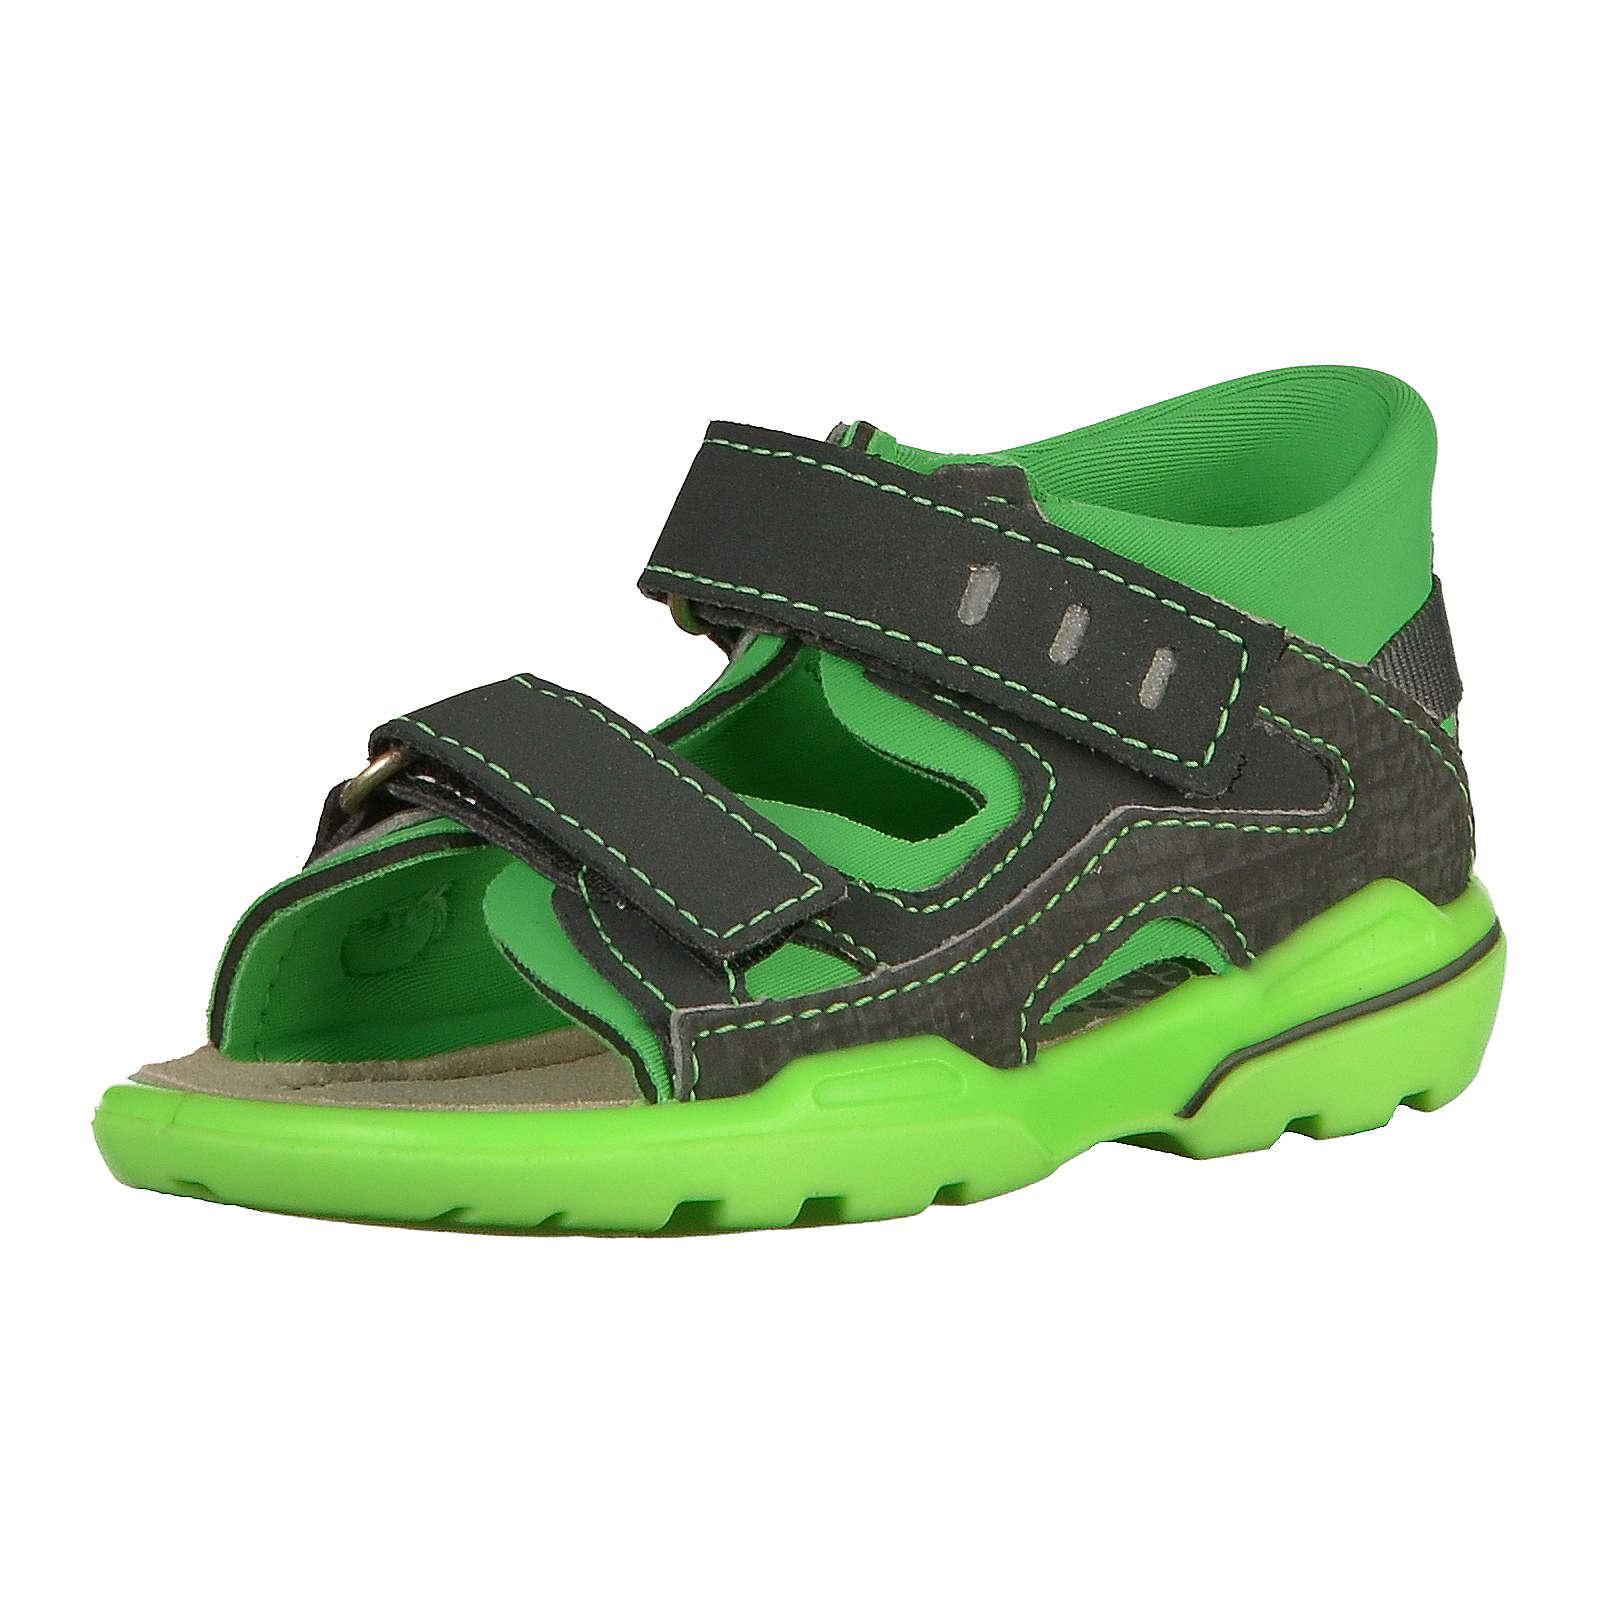 pepino by ricosta baby sandalen f r jungen gr n junge g nstig schnell einkaufen. Black Bedroom Furniture Sets. Home Design Ideas